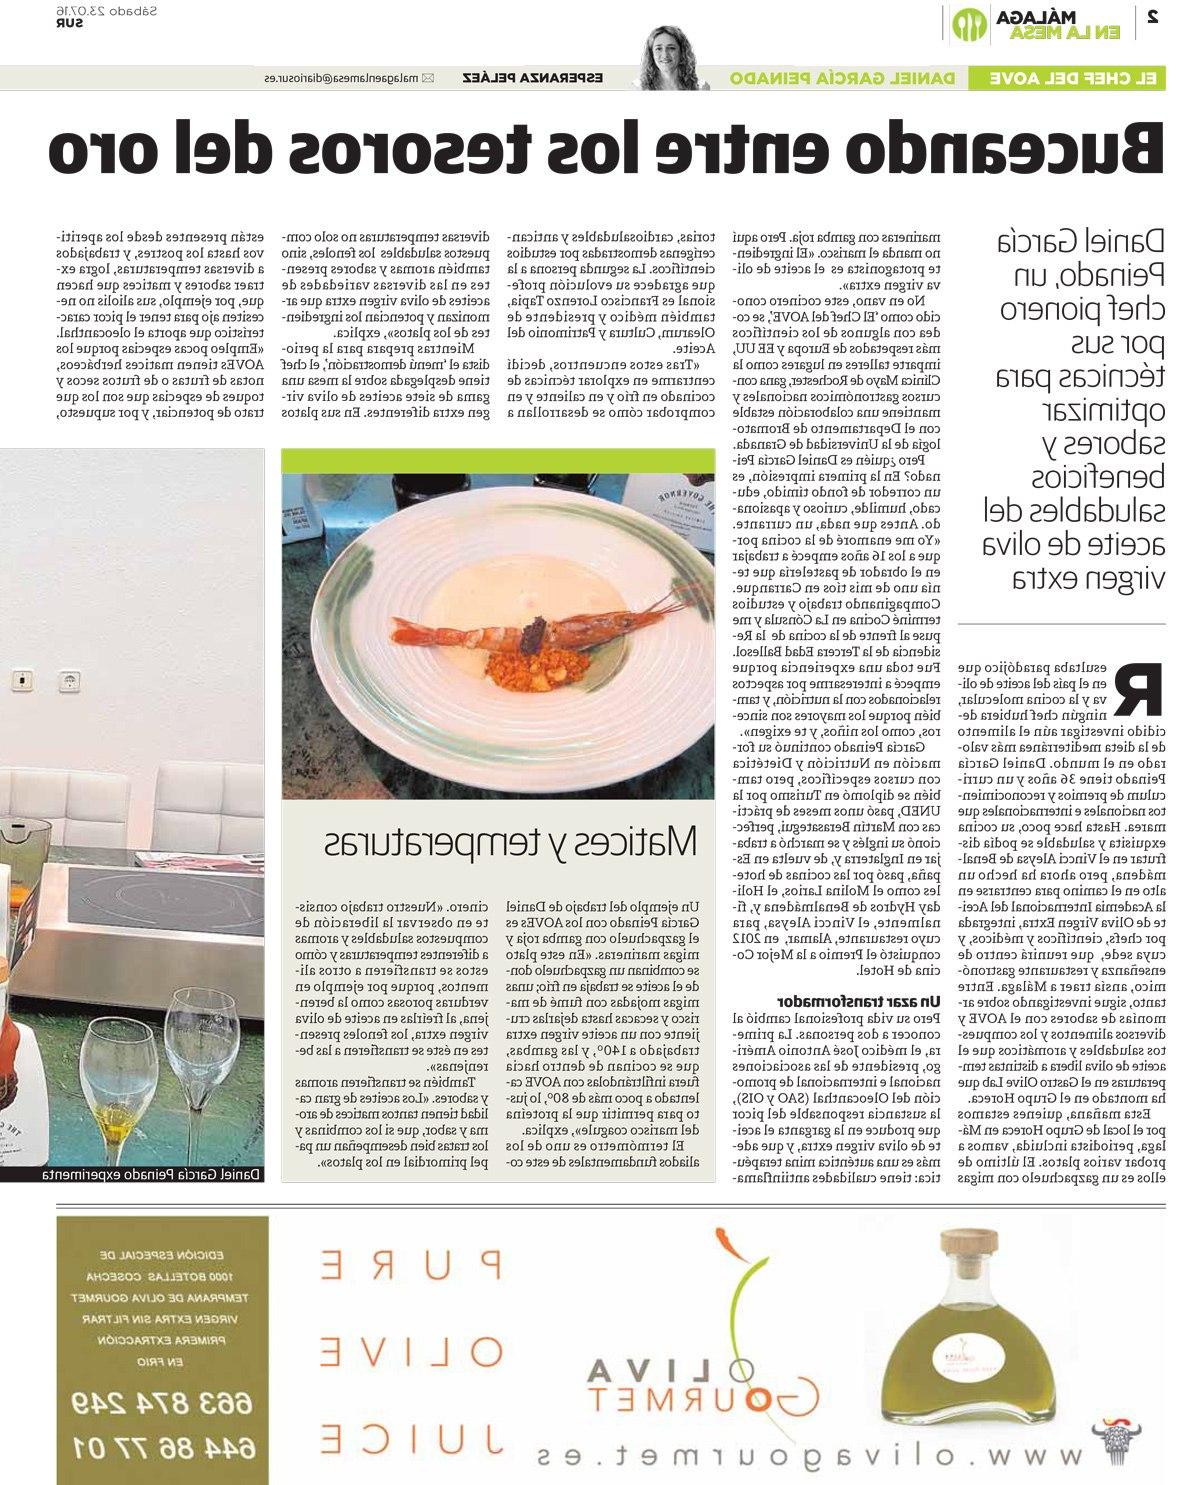 Malaga En La Mesa Q0d4 Dgp Malaga En La Mesa Pagina Daniel Garcia Peinado